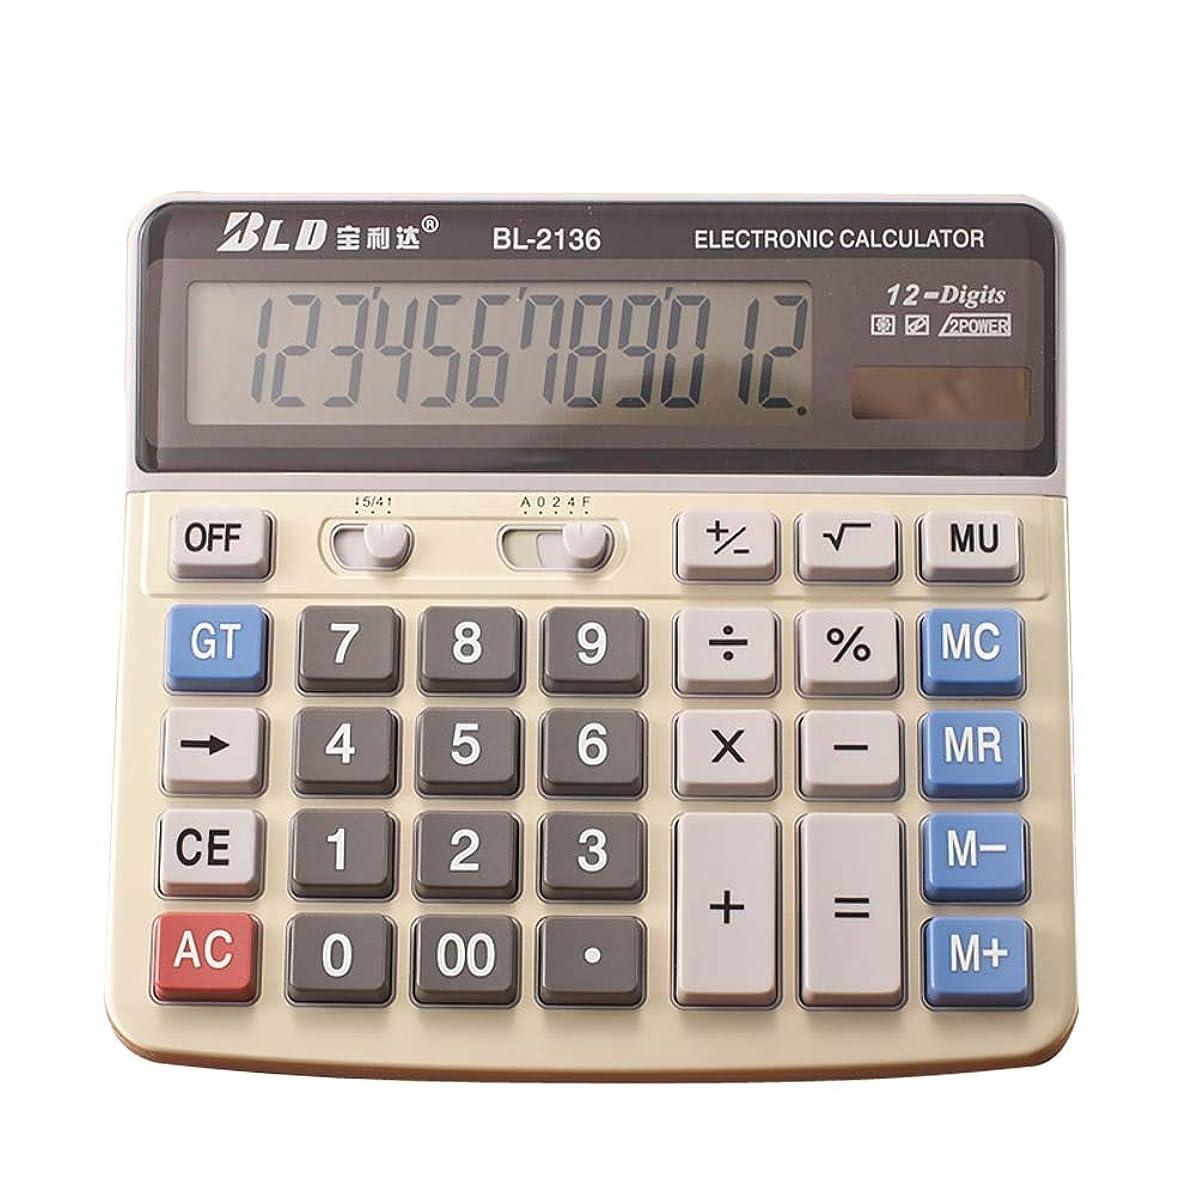 シダファントム女の子HUIHE 卓上電卓 大型コンピューターキー 12桁表示 ベージュカラー 学校 オフィス ビジネスに最適